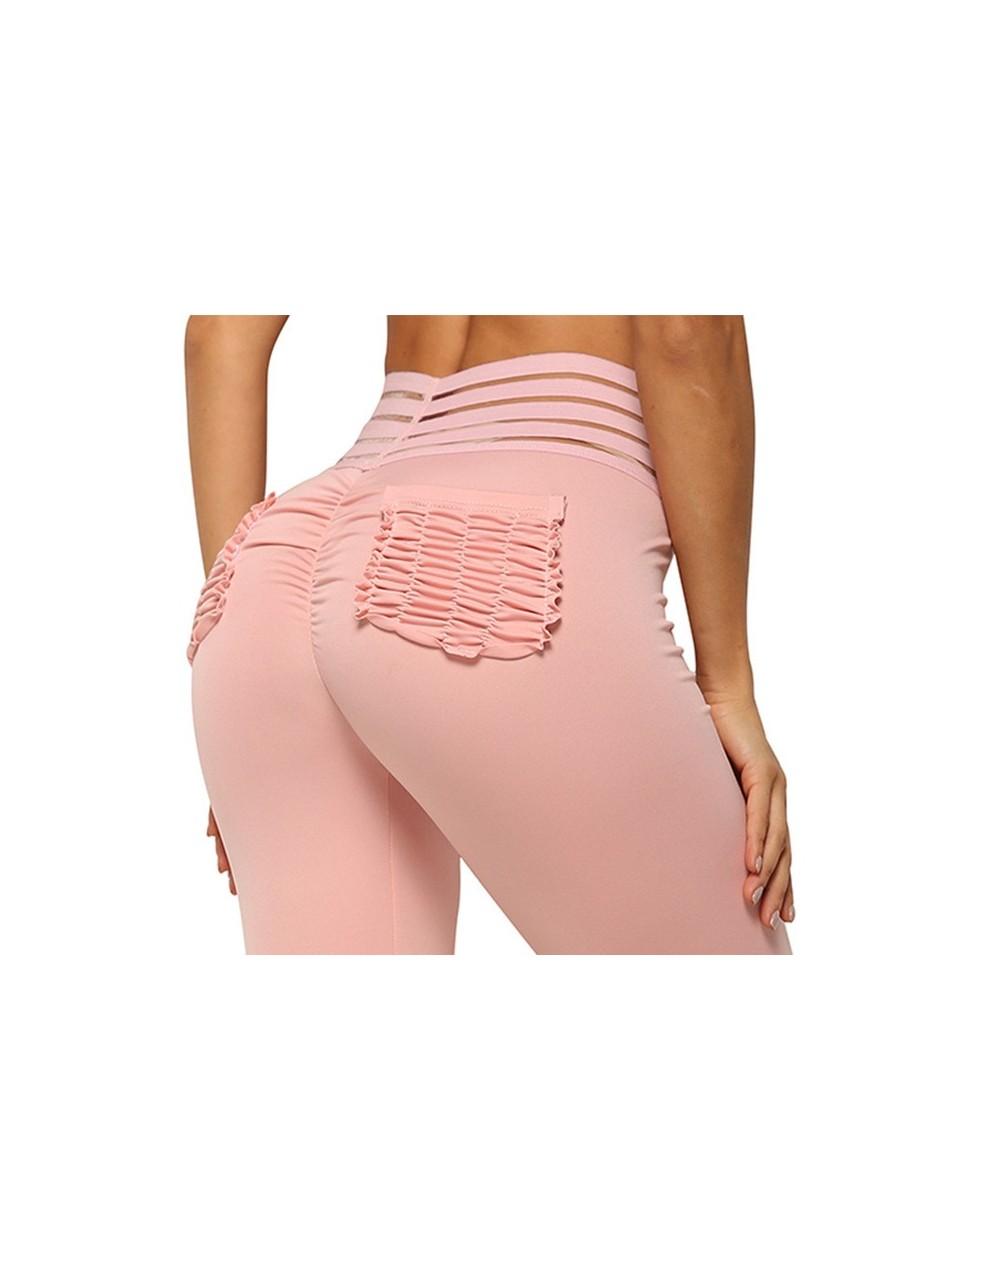 Women Fitness Push Up Leggings Mesh High Waist Elastic Workout Legging Pants 2019 Fashion Ladies Pink Pocket Leggings Plus S...